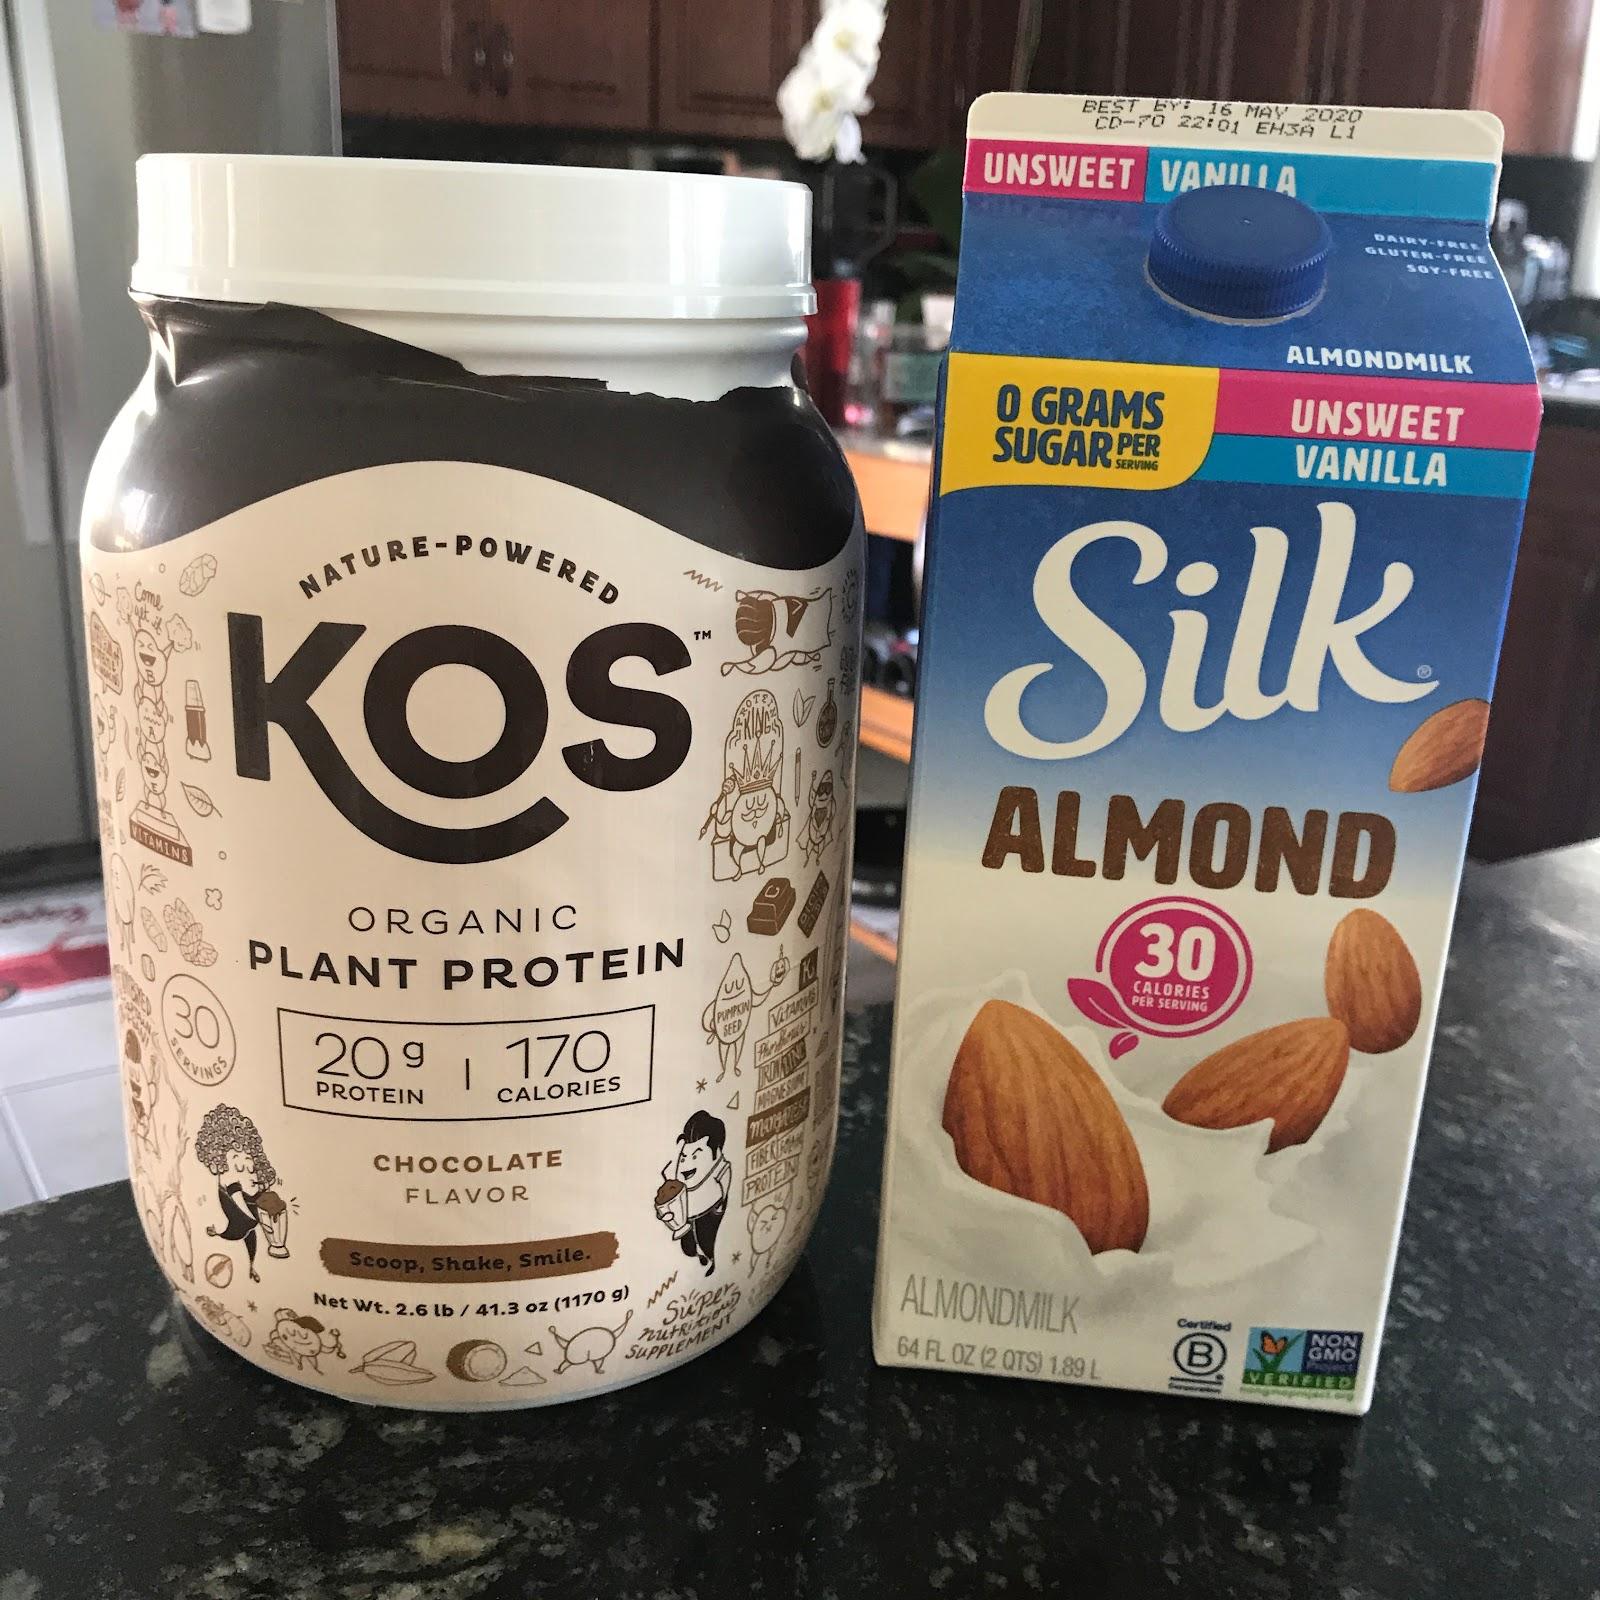 KOS plant protein powder with almond milk.